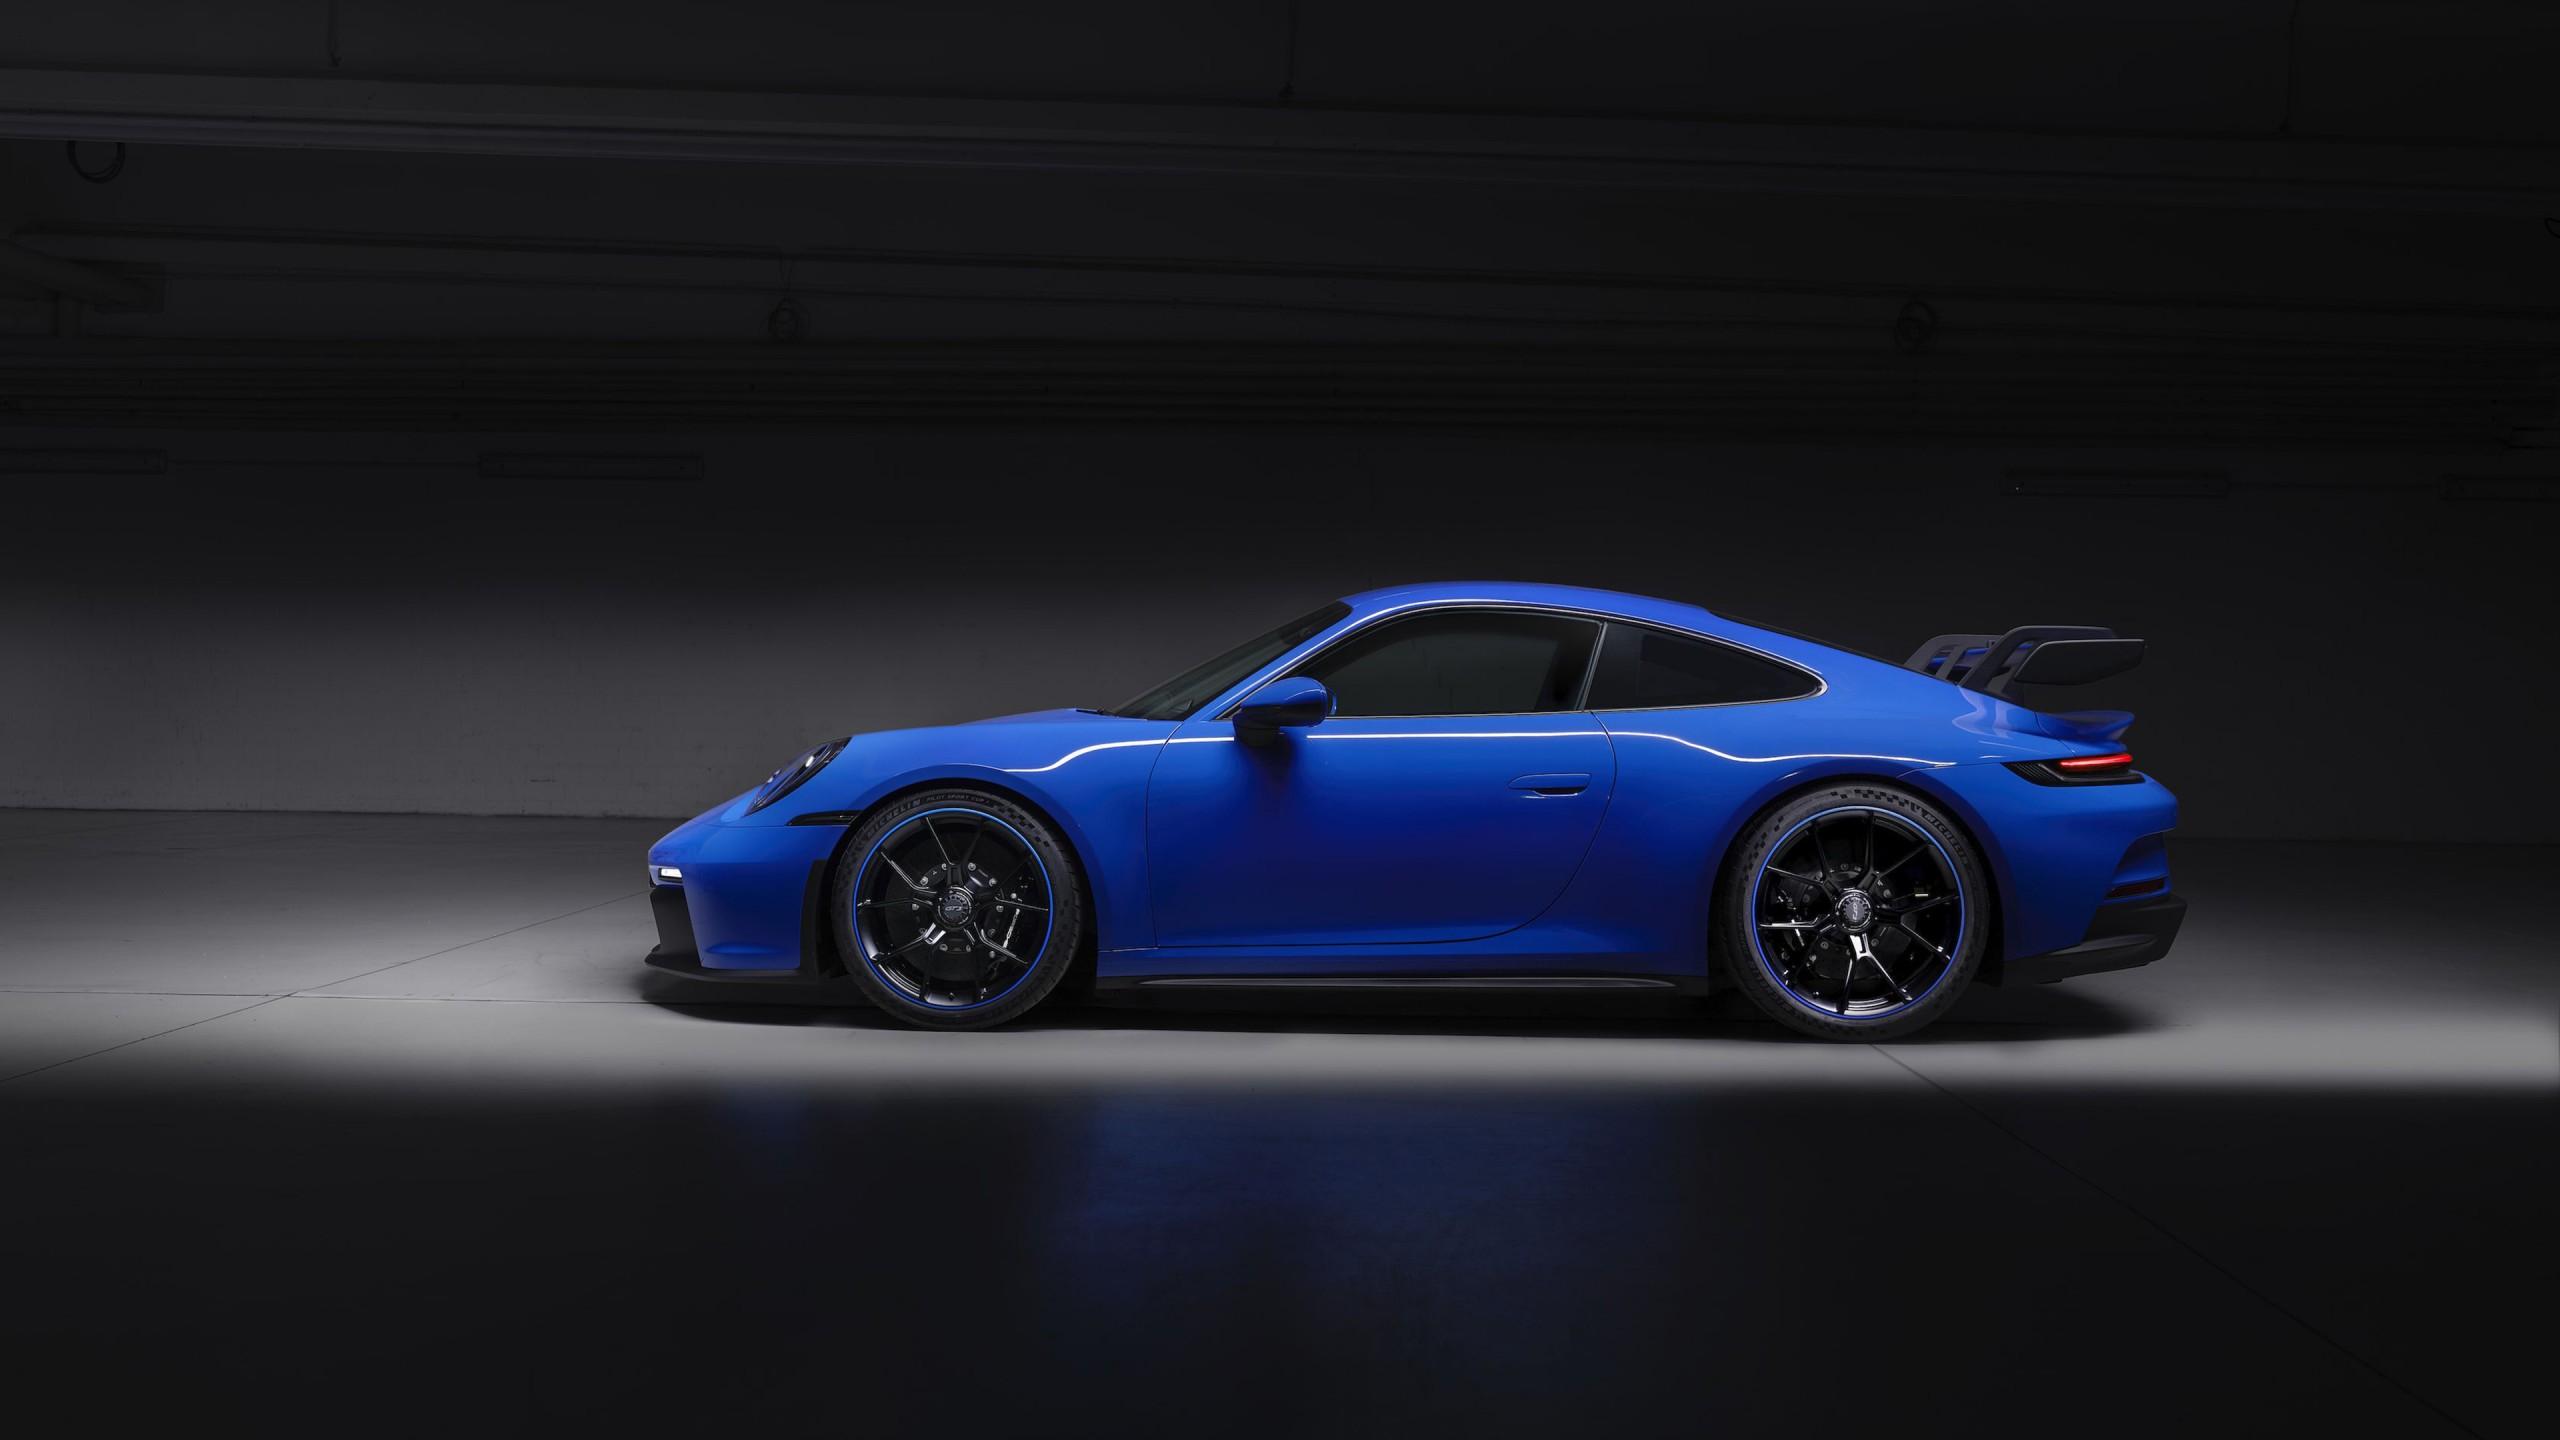 Porsche 911 Gt3 2021 4k Wallpaper Hd Car Wallpapers Id 17376